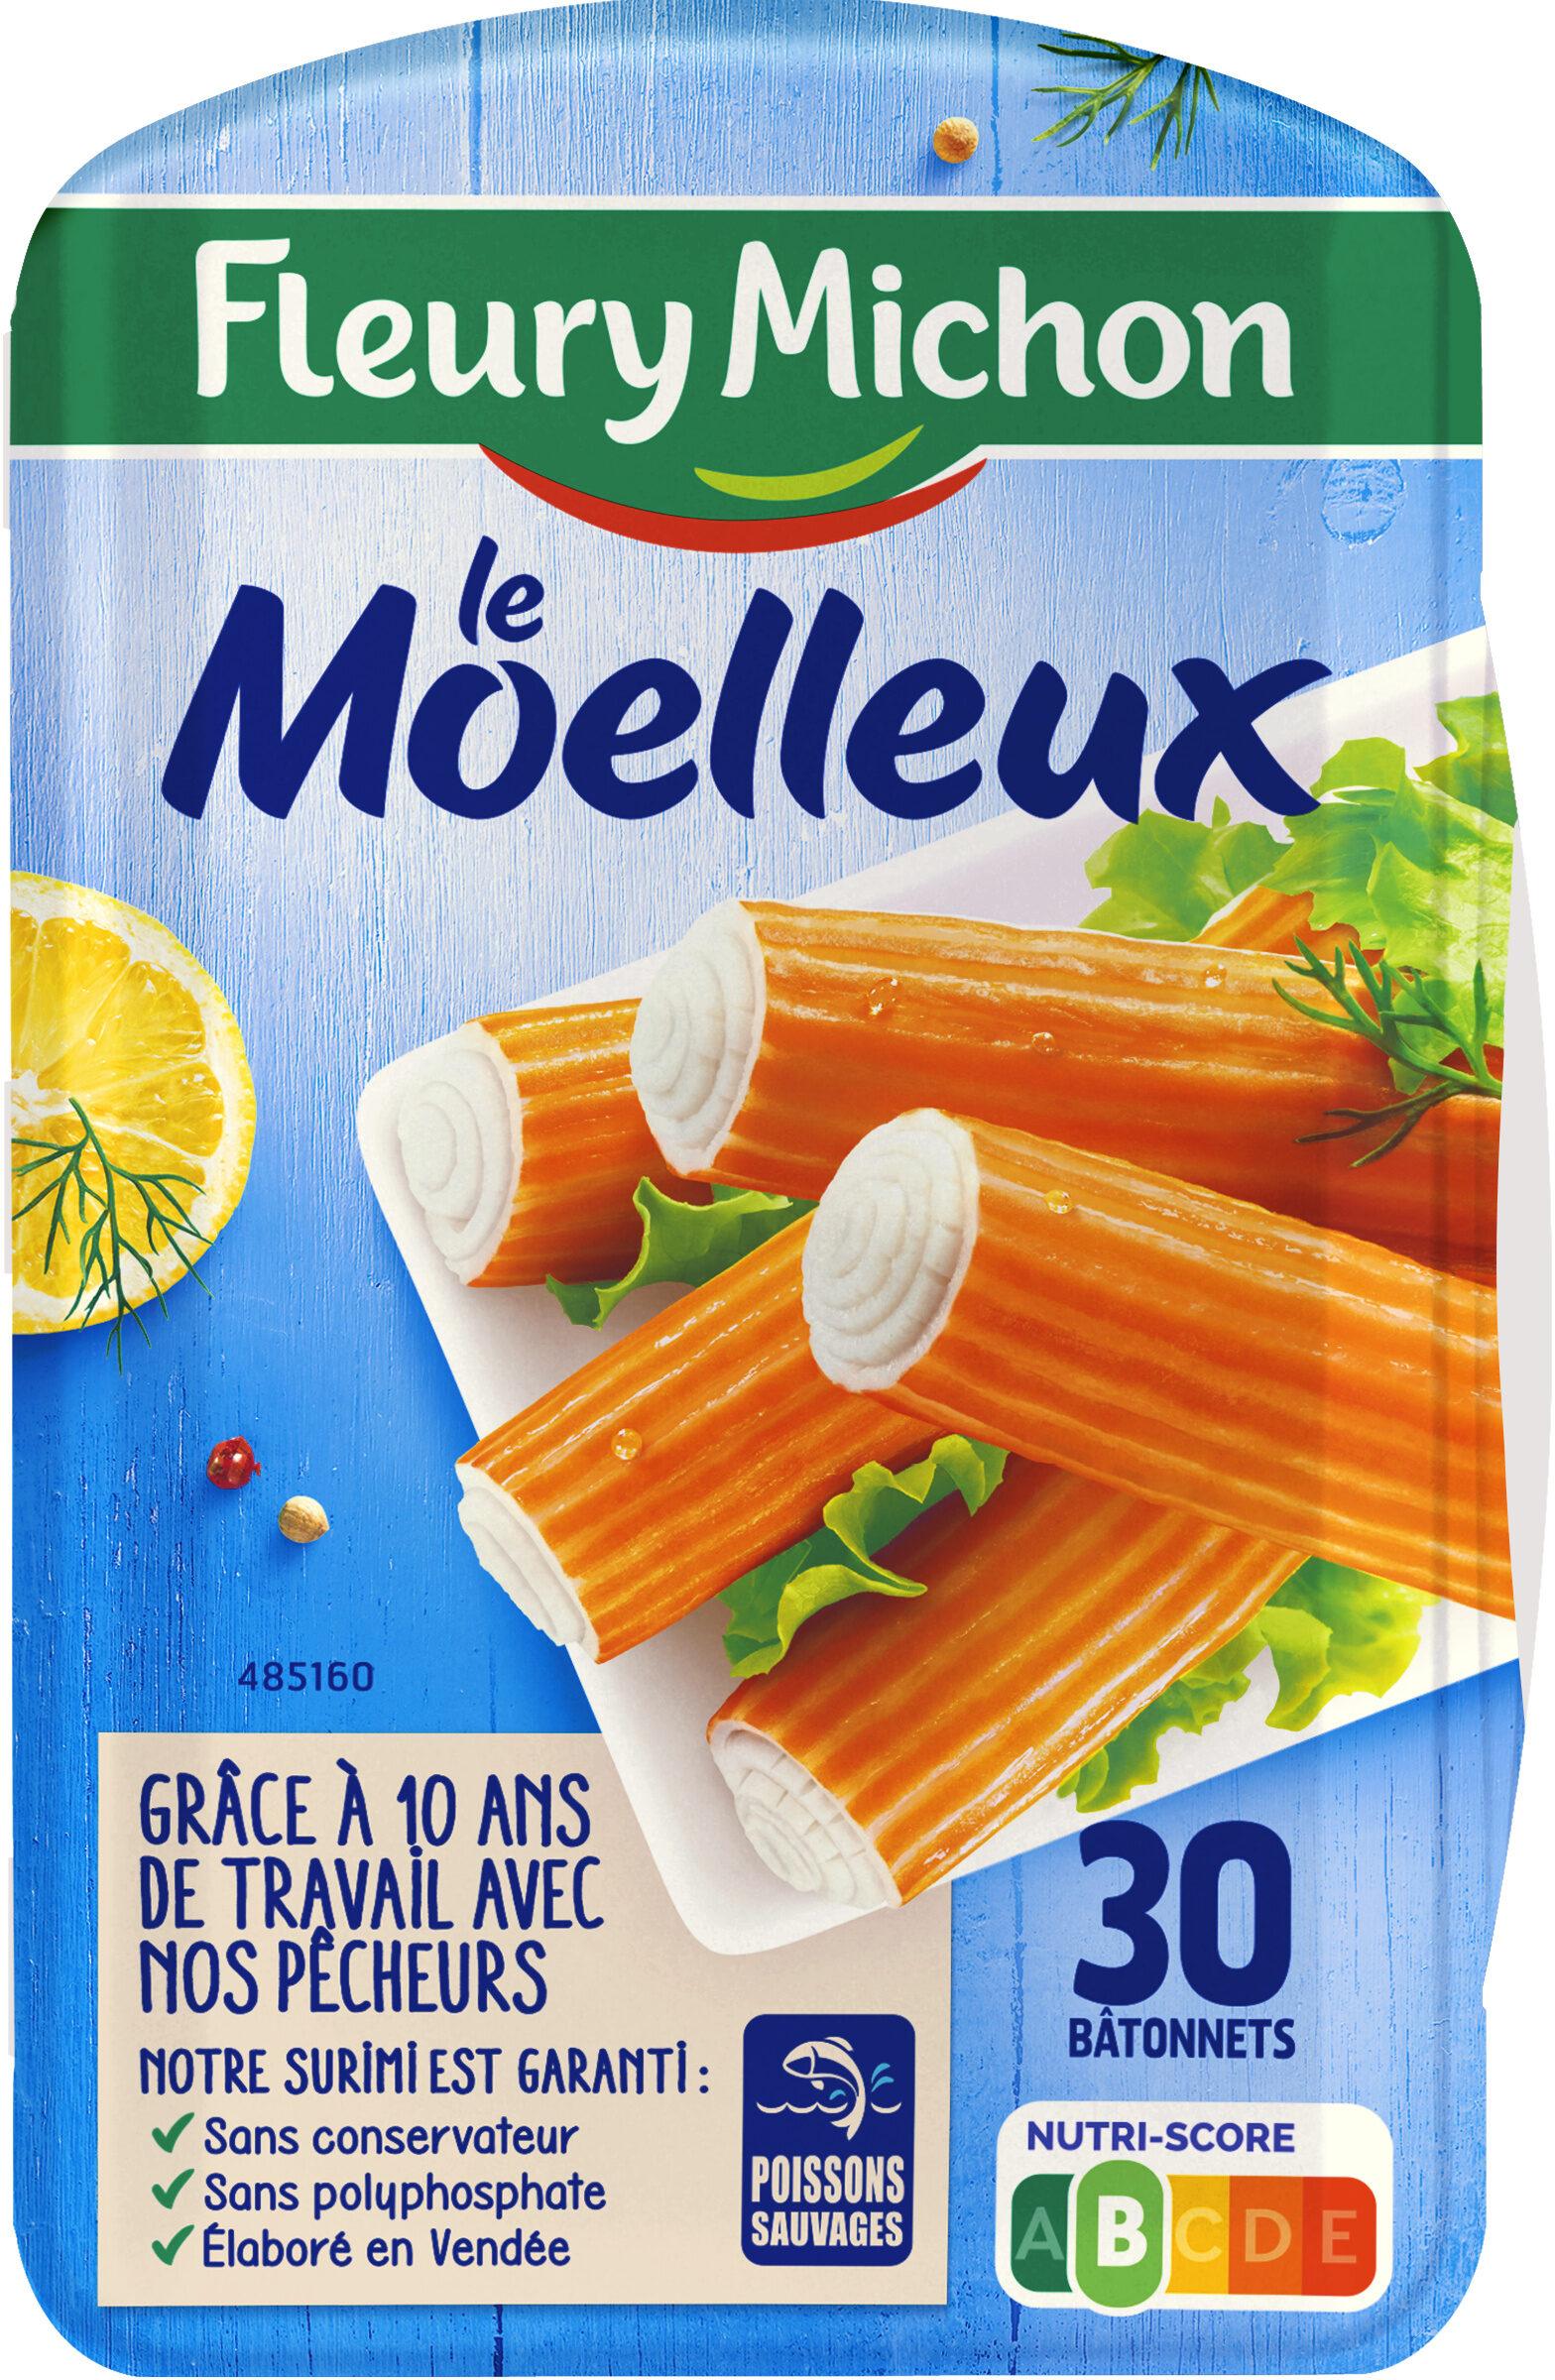 Le bâtonnet Moelleux - 30 bâtonnets - Product